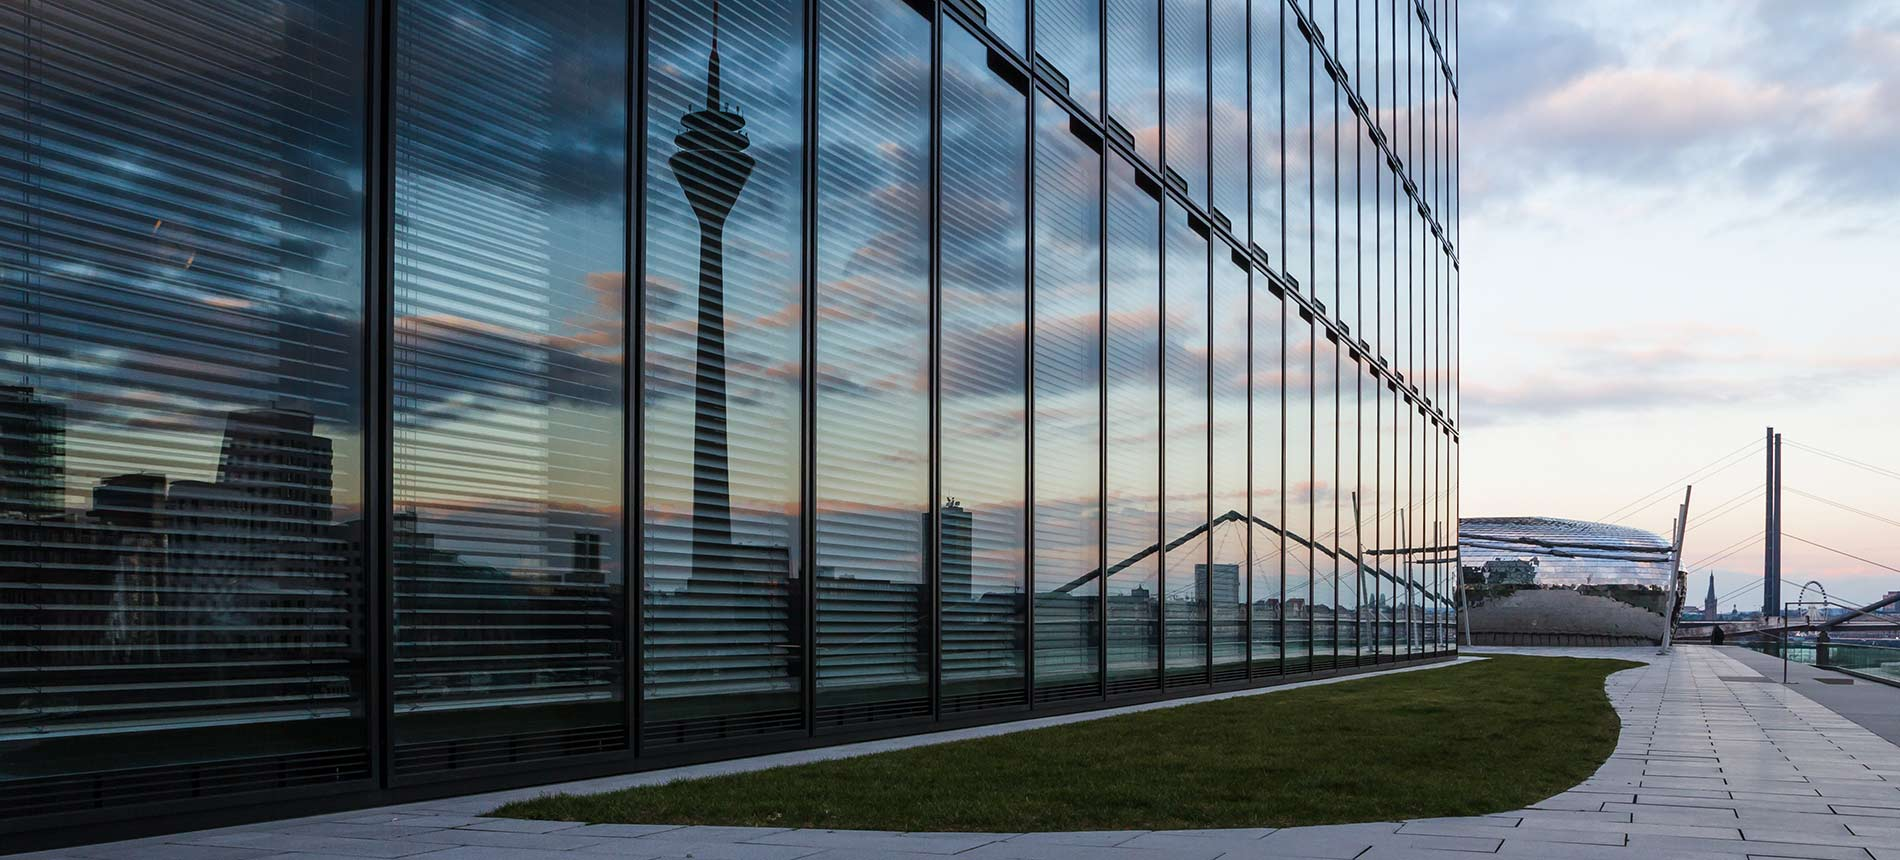 FION IMMO UG, Düsseldorf - Immobilienverwaltung und -vermarktung